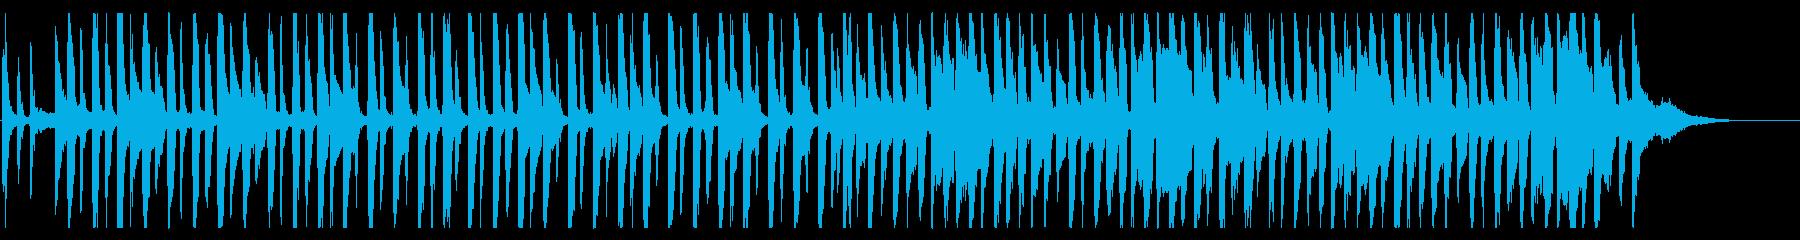 ラフなレゲエ_4の再生済みの波形